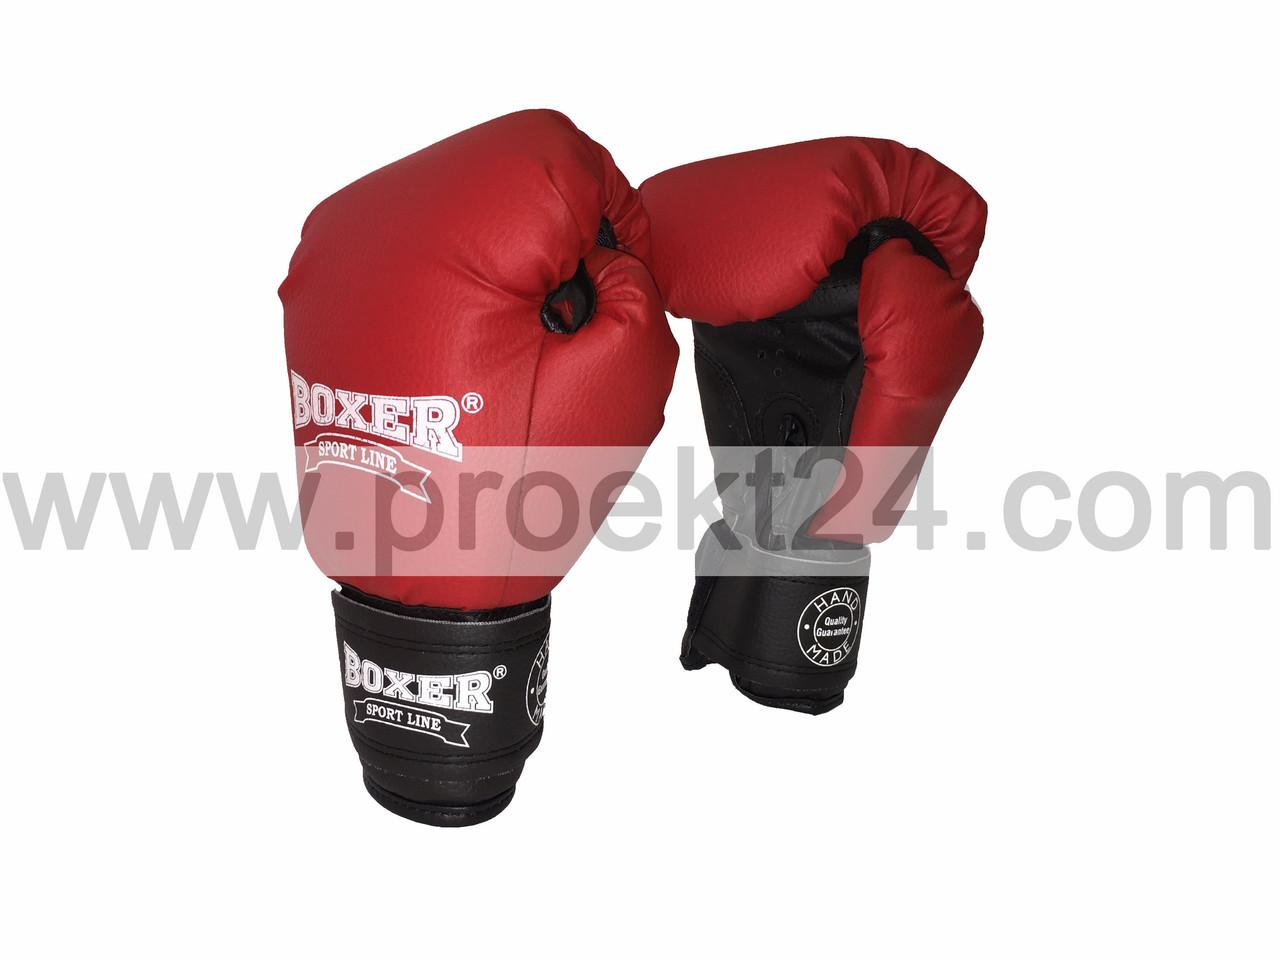 Боксерские перчатки 6 оz Кожвинил (пара), красные - Глобальные энергосберегающие технологии  в Днепре